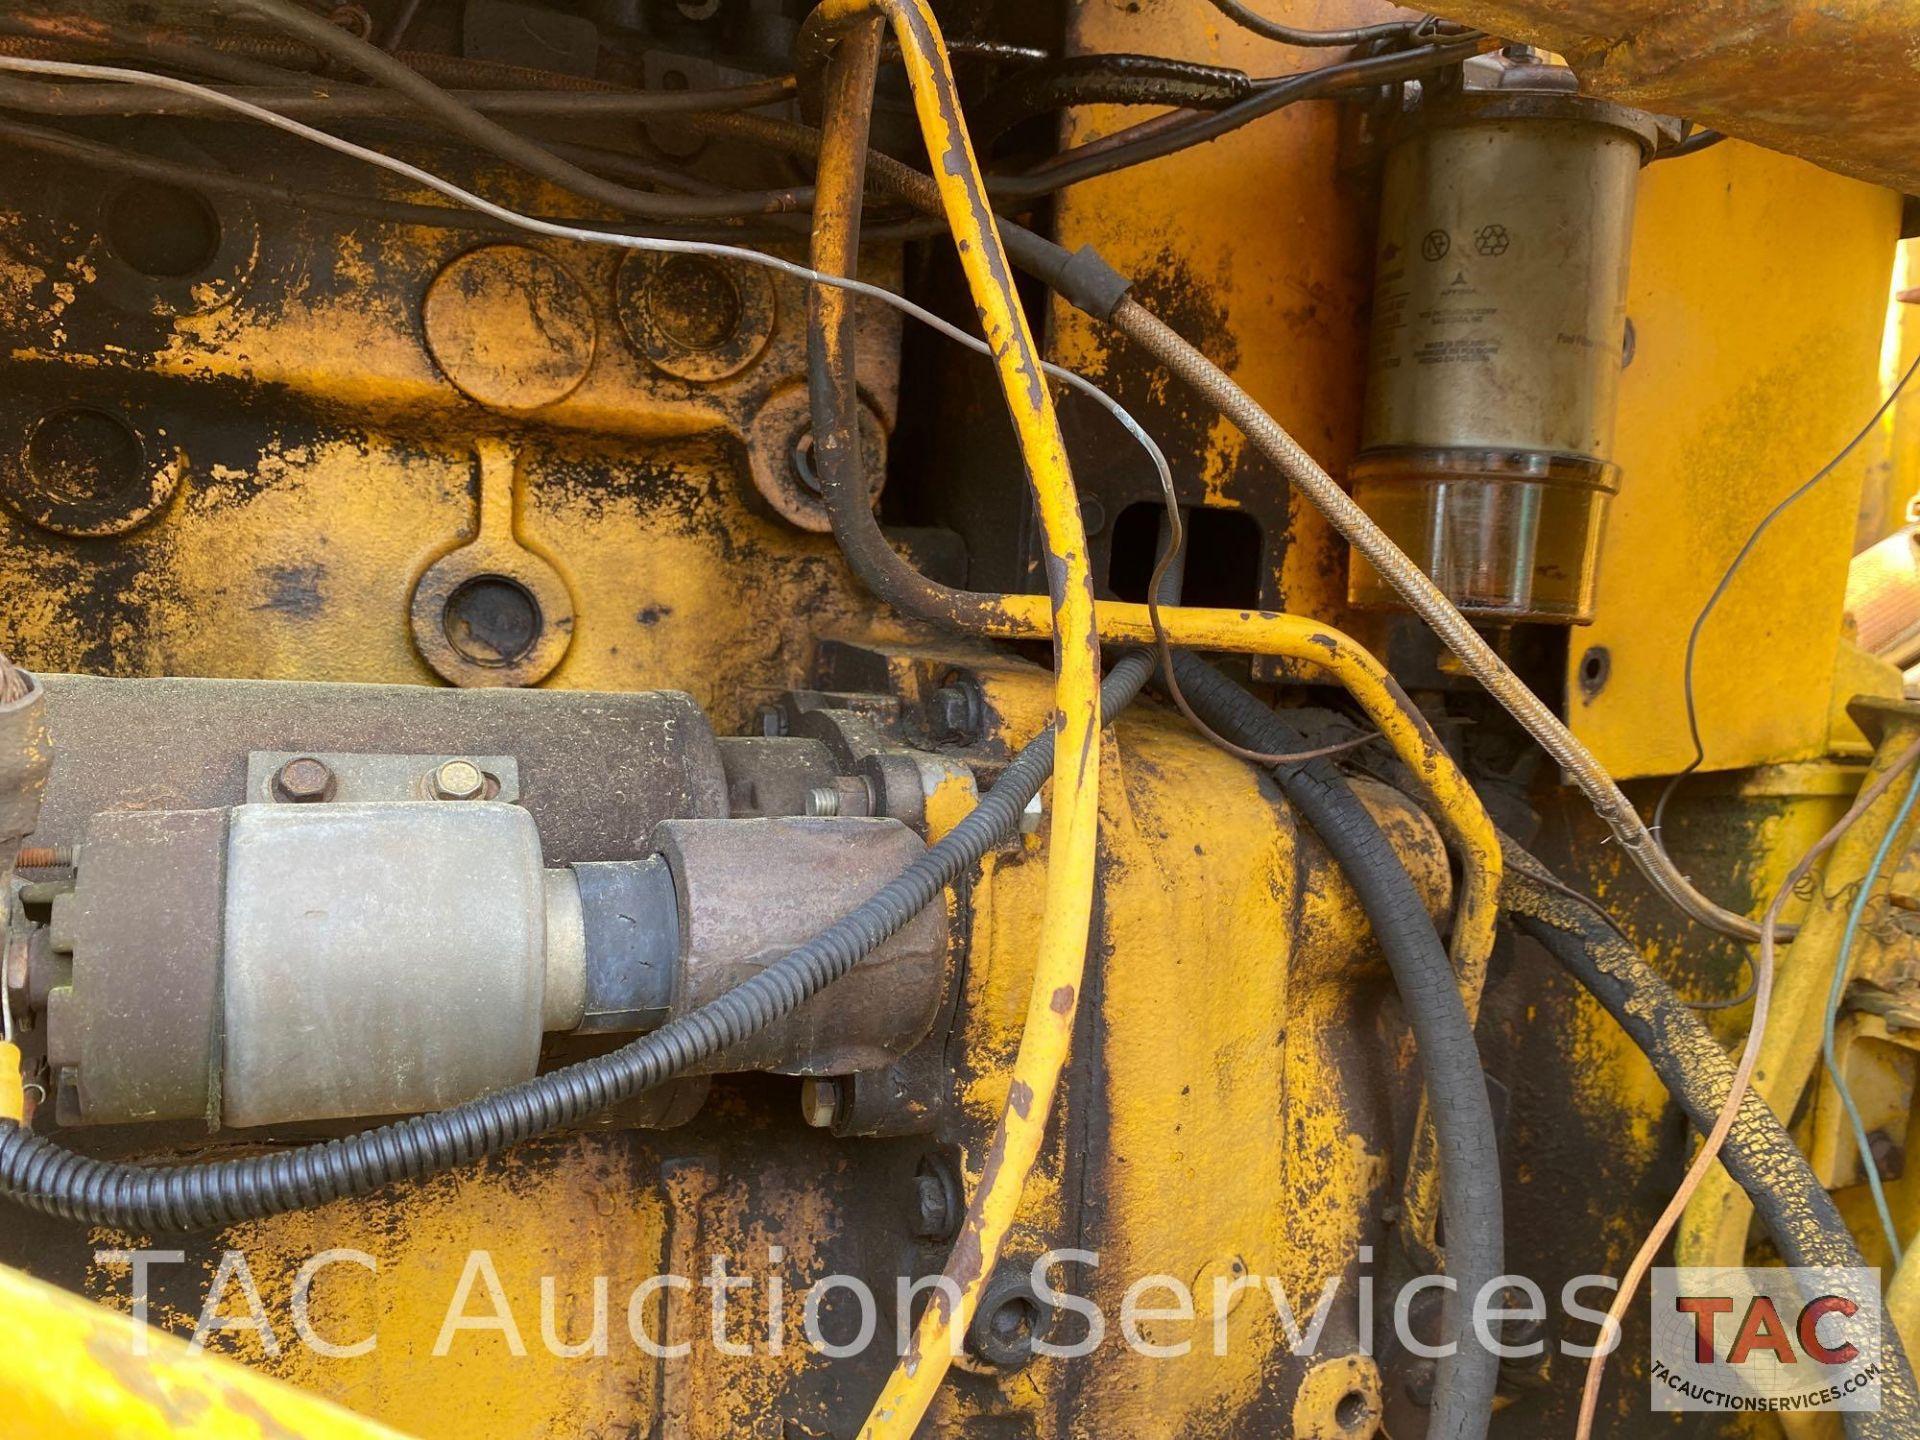 Massey Ferguson 50C Loader Backhoe - Image 29 of 45